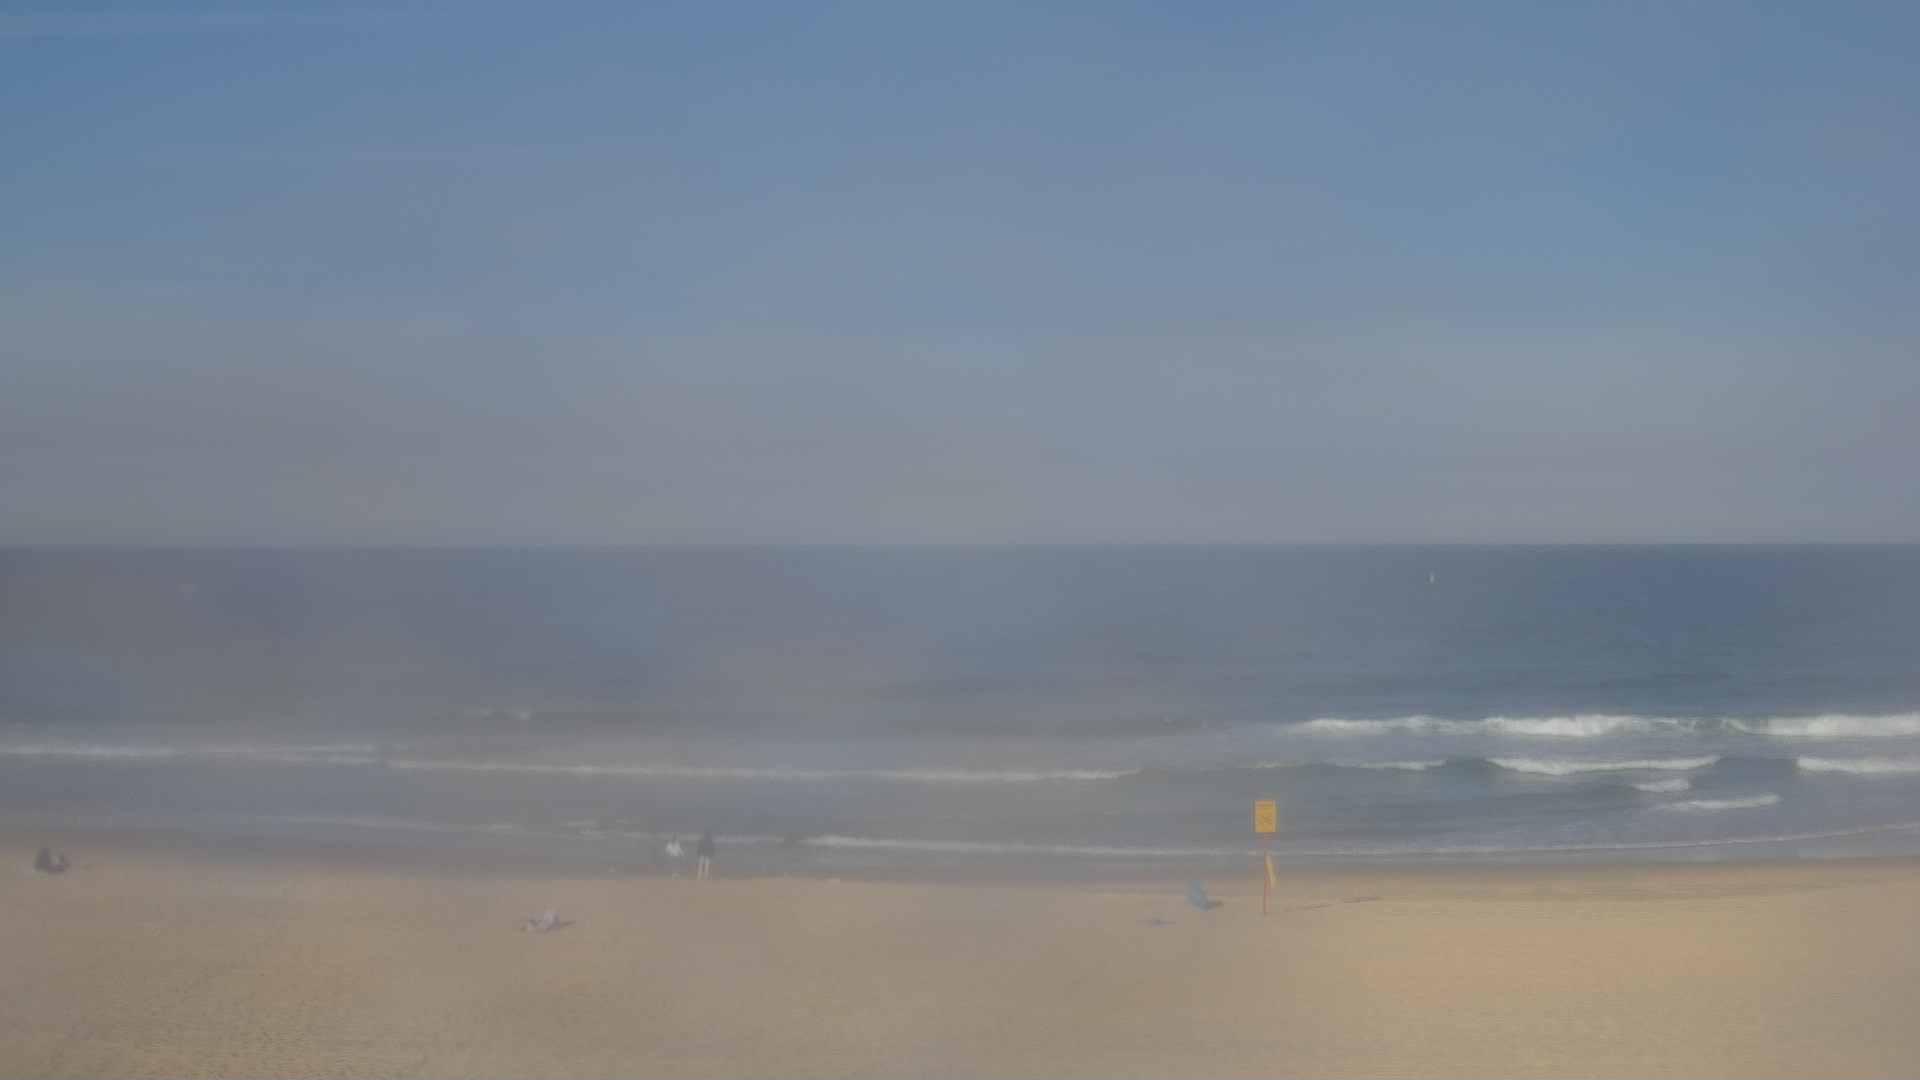 Maroubra surfcam still image